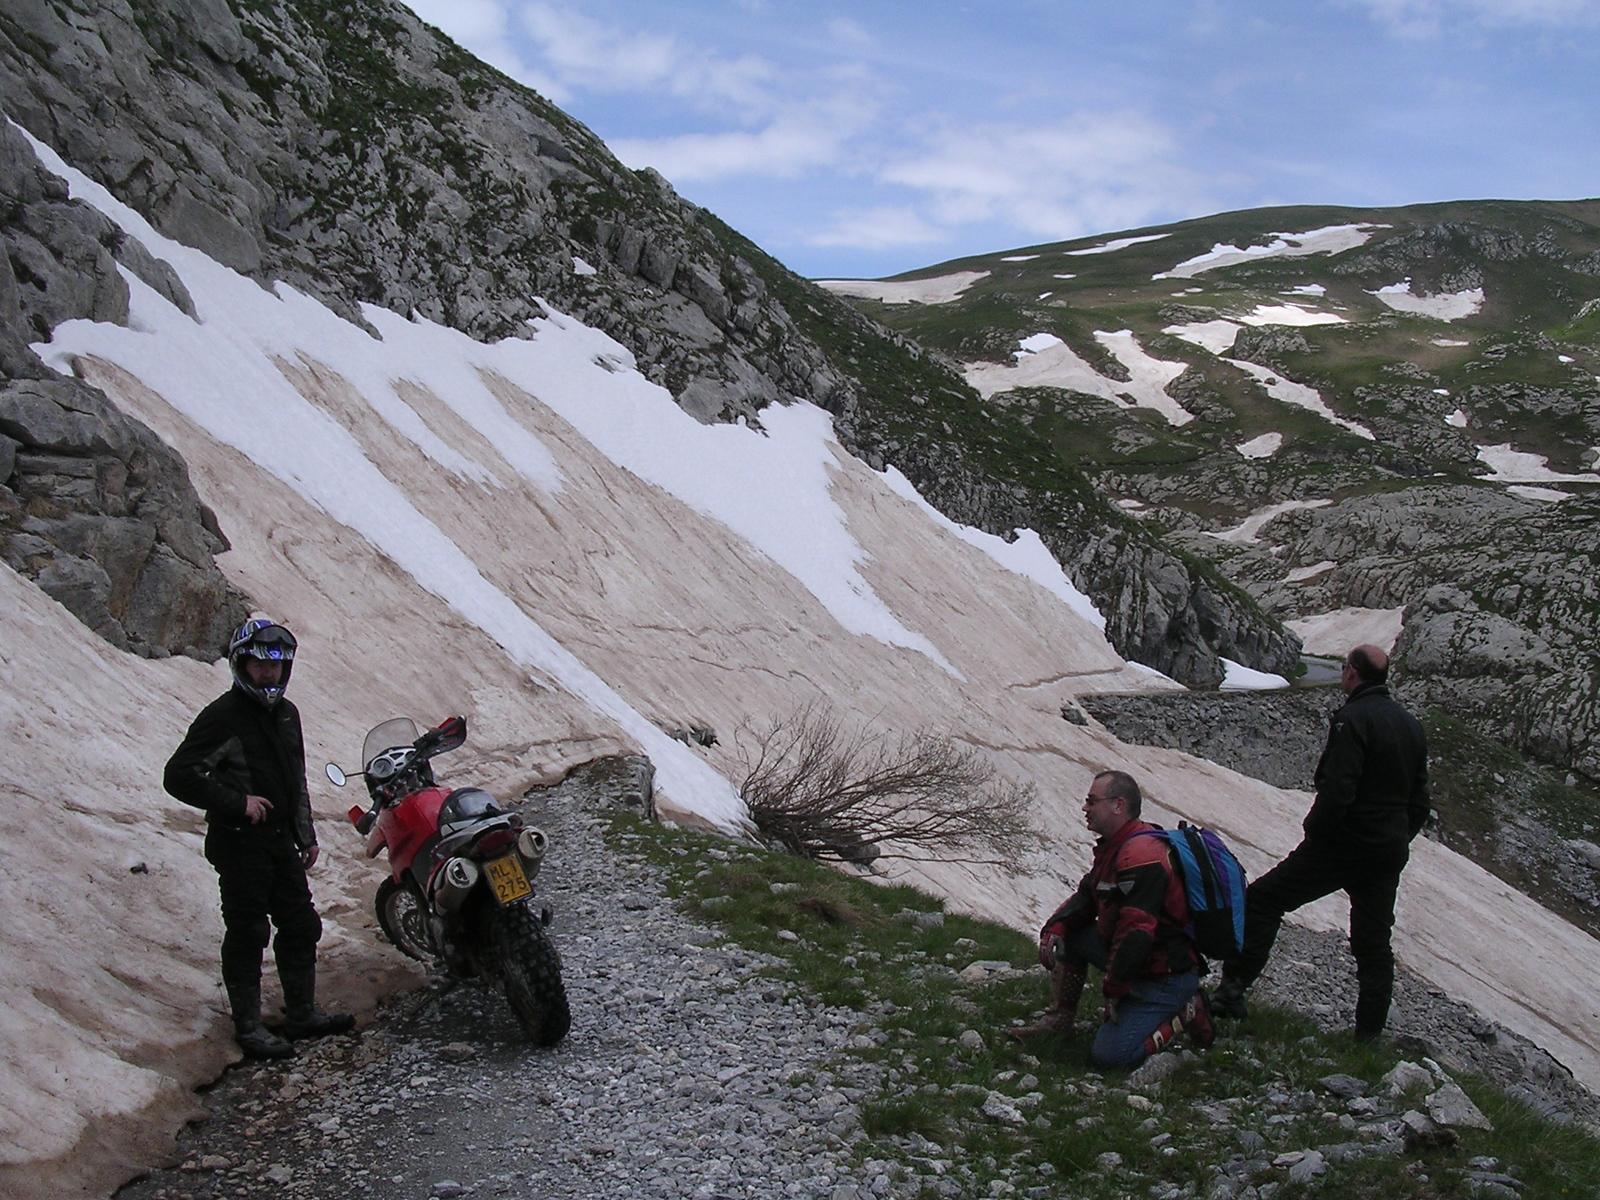 Unpassierbar wegen Restschnee. De weg ligt nog bedolven onder de sneeuw. Omdraaien en terugrijden is de boodschap. LGKS juni '04